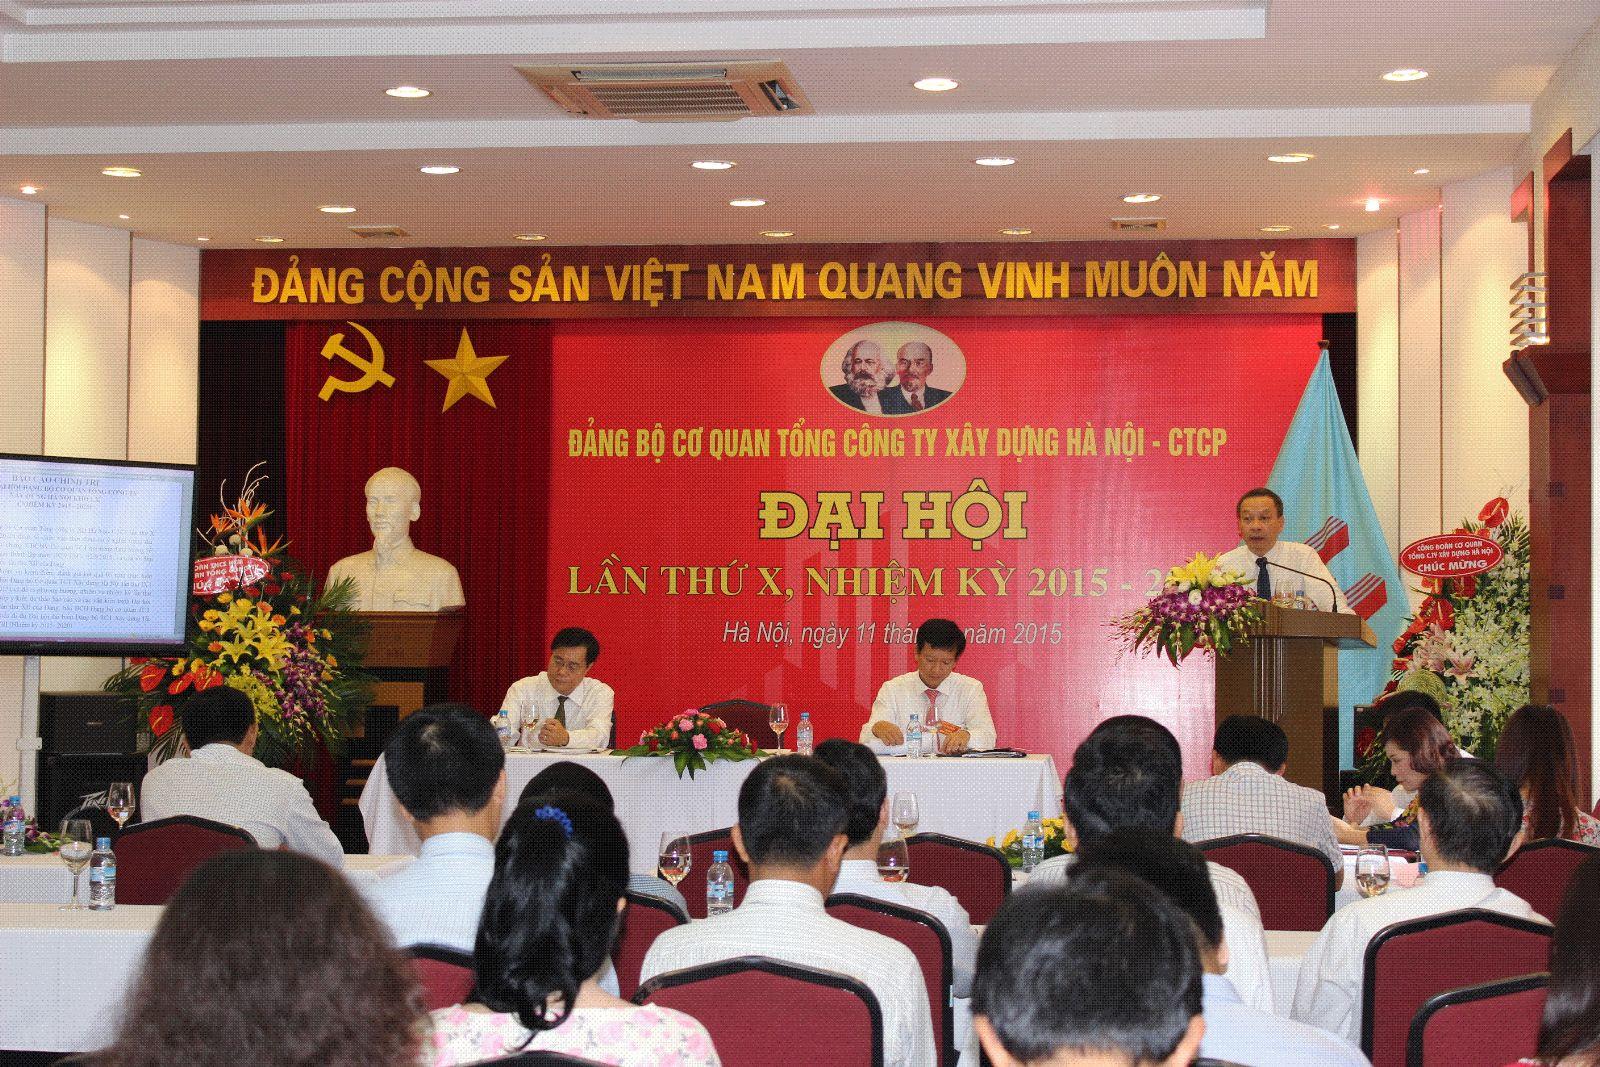 Đ/c Nguyễn Minh Cương, thay mặt đoàn chủ tịch phát biểu khai mạc Đại hội